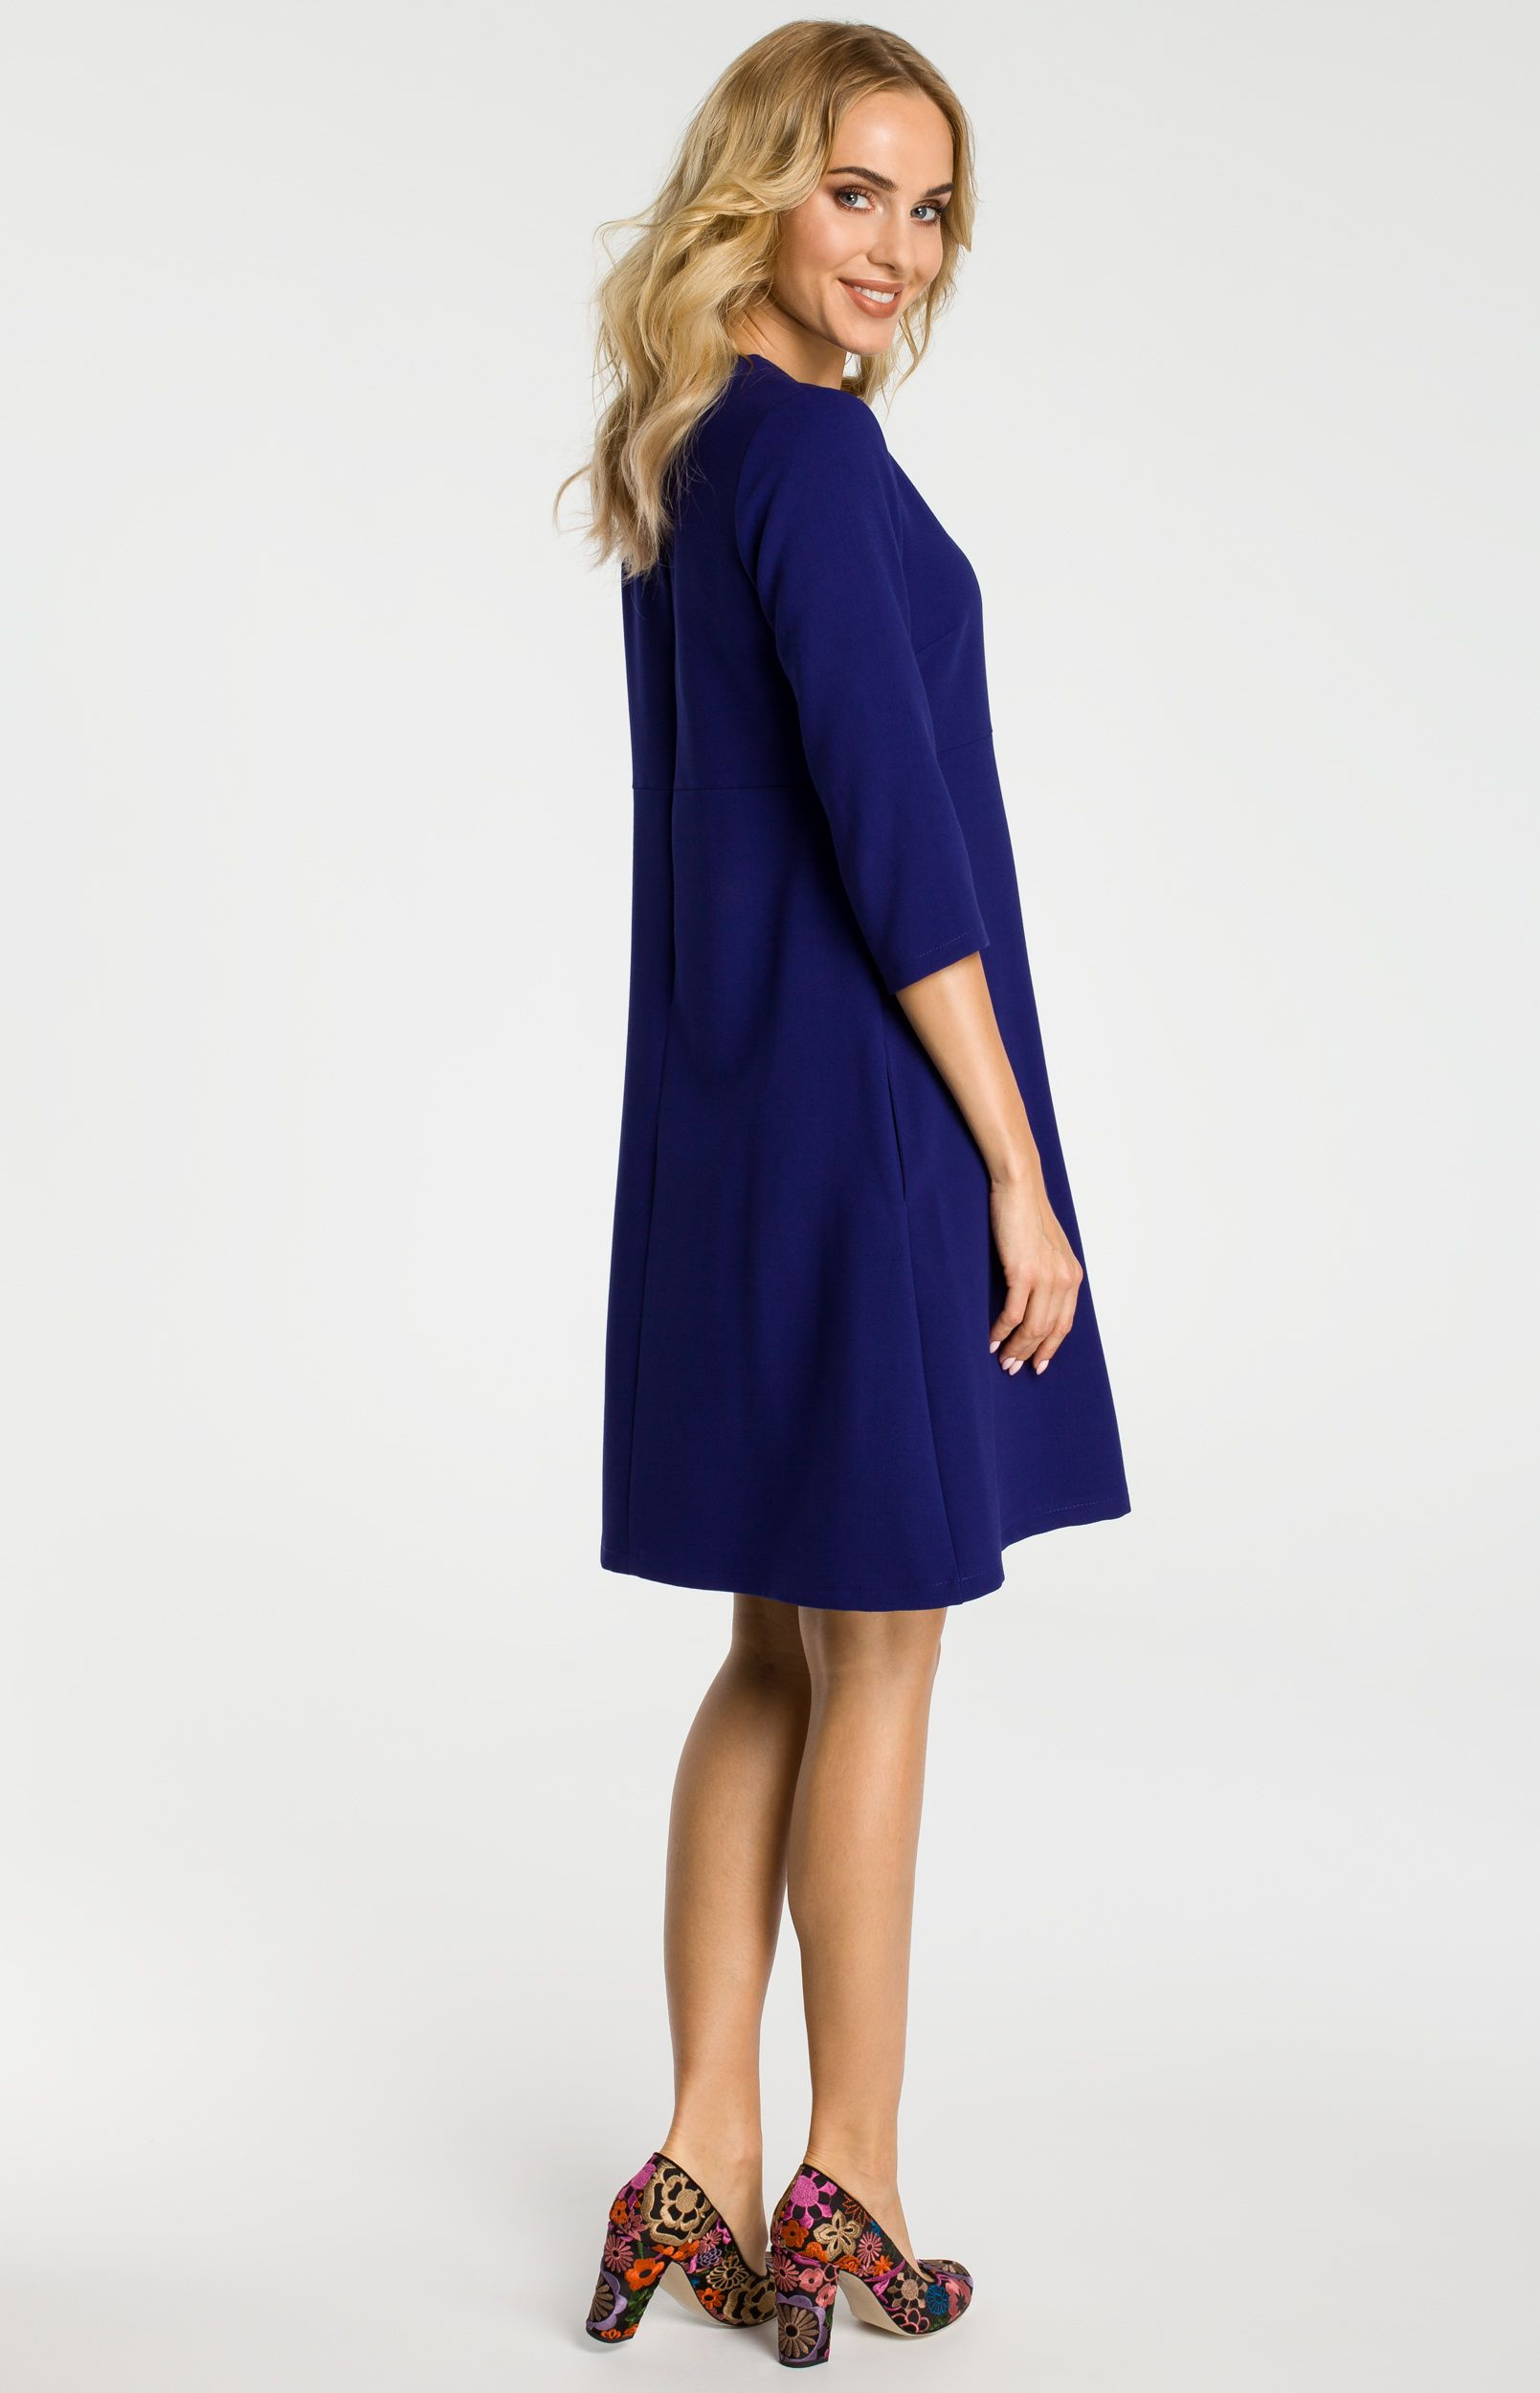 09ac85c6f24 Robe trapèze bleue manches 3 4 ME338B   idresstocode  boutique de  déshabillés et nuisettes